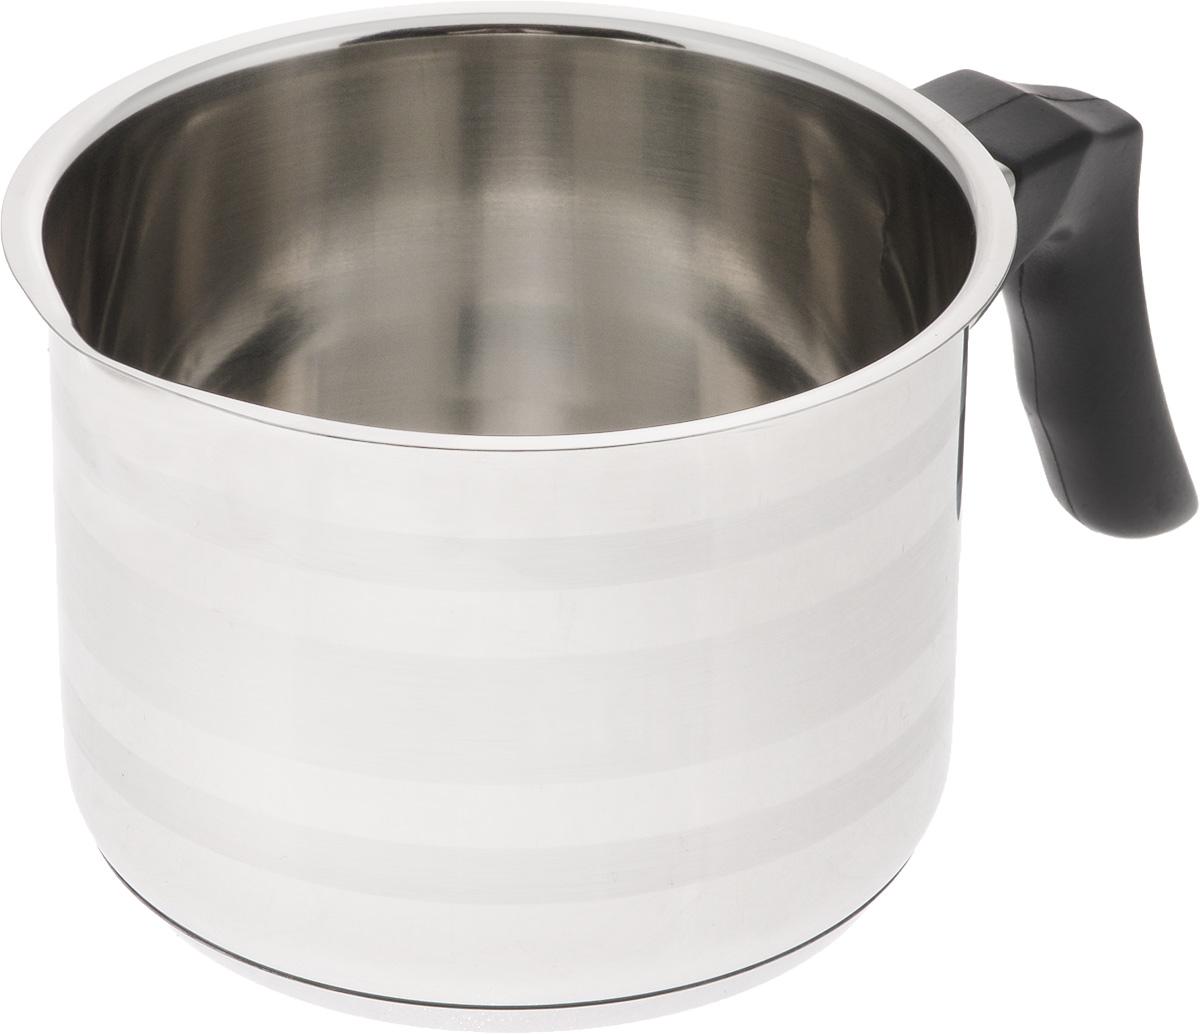 Молочник SSW, 1 л441113Молочник SSW выполнен из высококачественной нержавеющей стали. Внешние стенки изделия оформлены сочетанием зеркальной и матовой поверхности. Молочник оснащен удобной пластиковой ручкой. Кромка изделия оснащена специальным носиком для удобного выливания содержимого.Молочник SSW займет достойное место на вашей кухне!Подходит для электрических, газовых, индукционных и стеклокерамических плит. Можно мыть в посудомоечной машине.